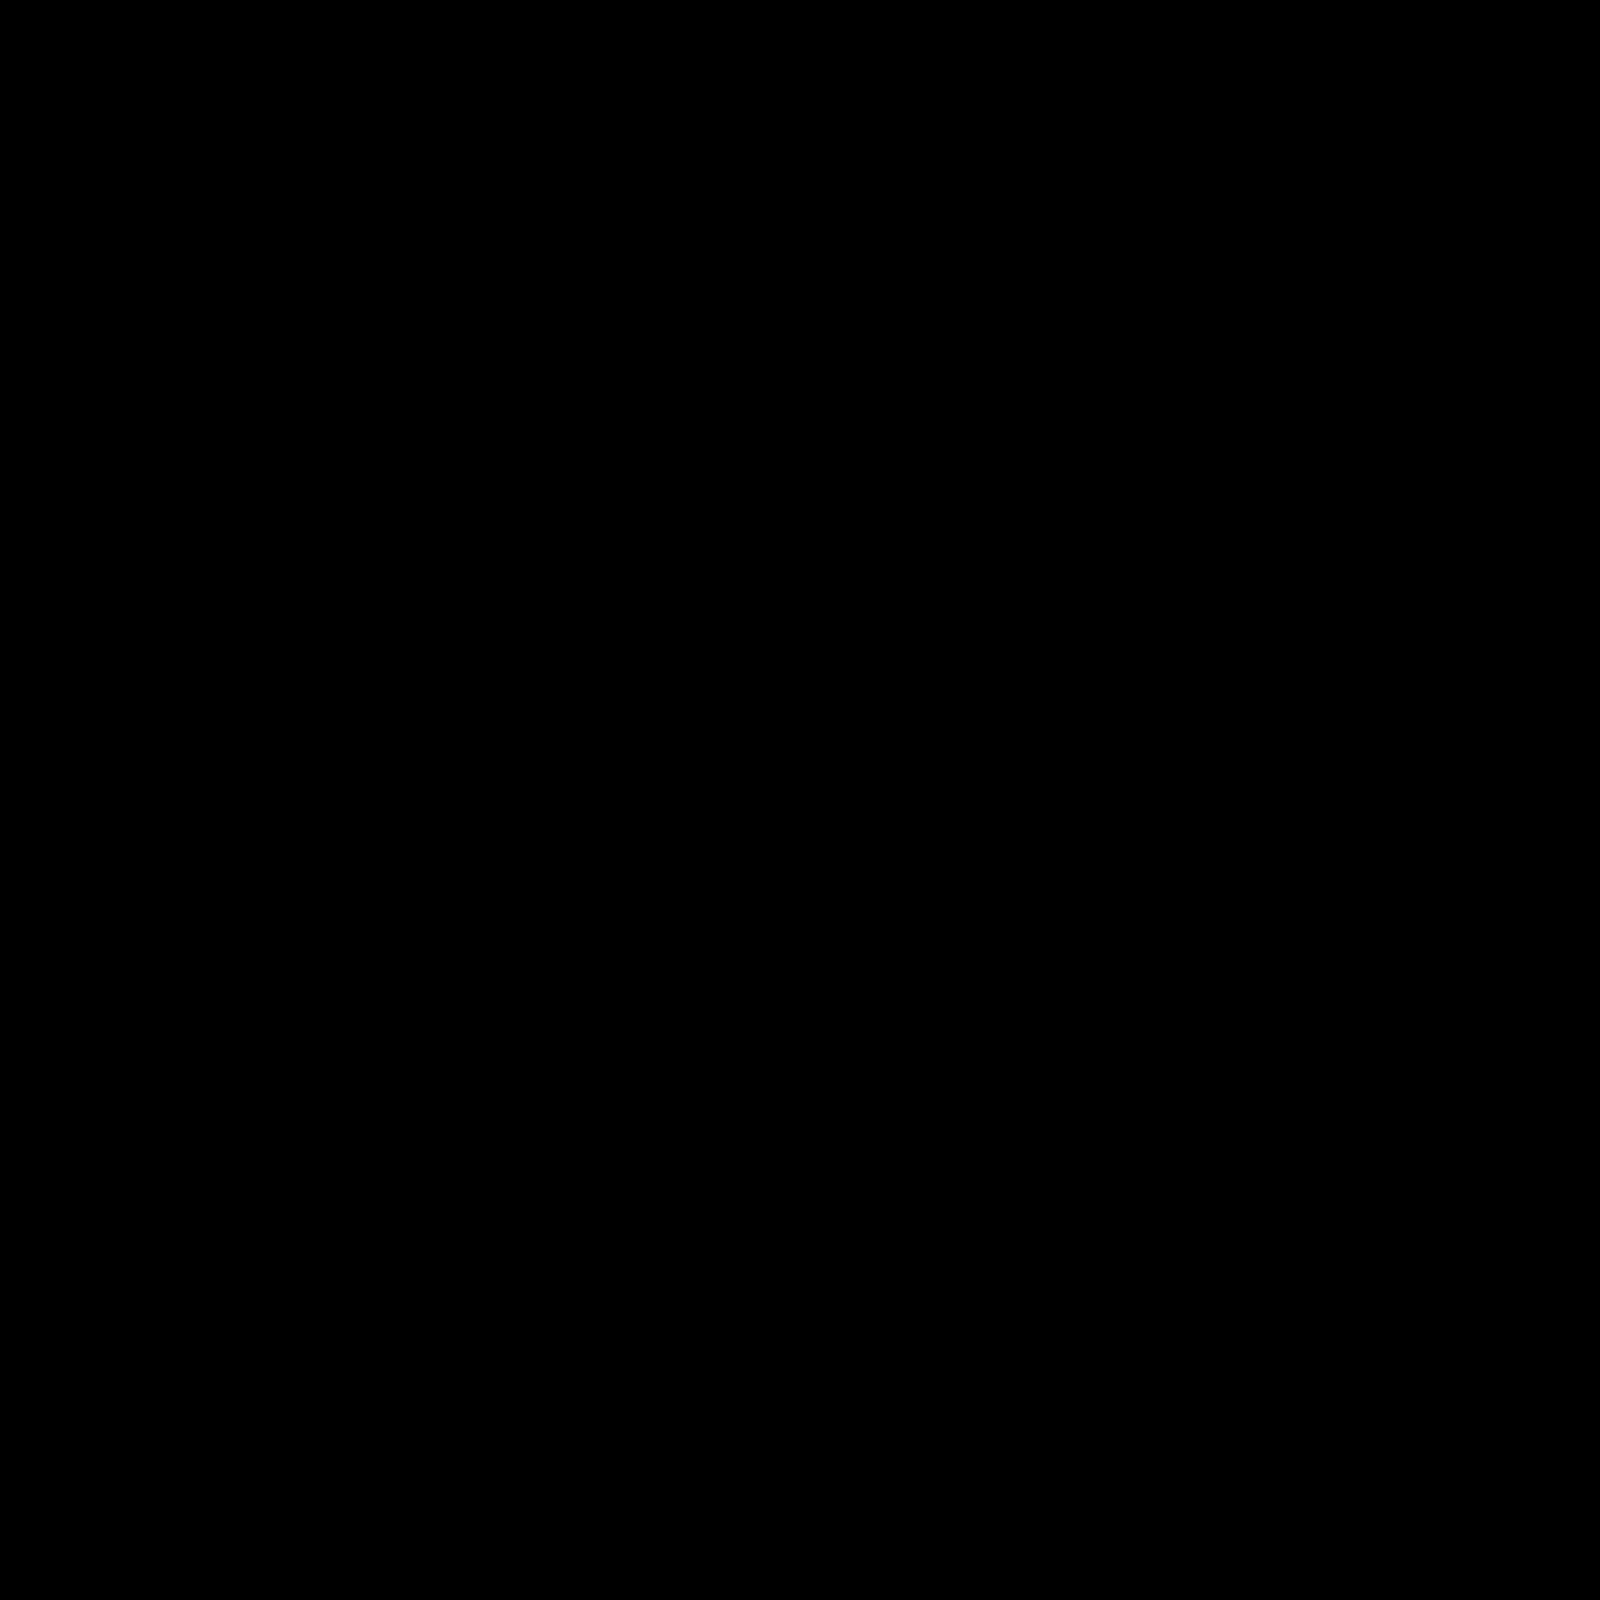 课堂 icon. This icon represents a classroom and shows a teacher with its students. There is a chalkboard with an eraser and four students. The teacher is writing something on the board.